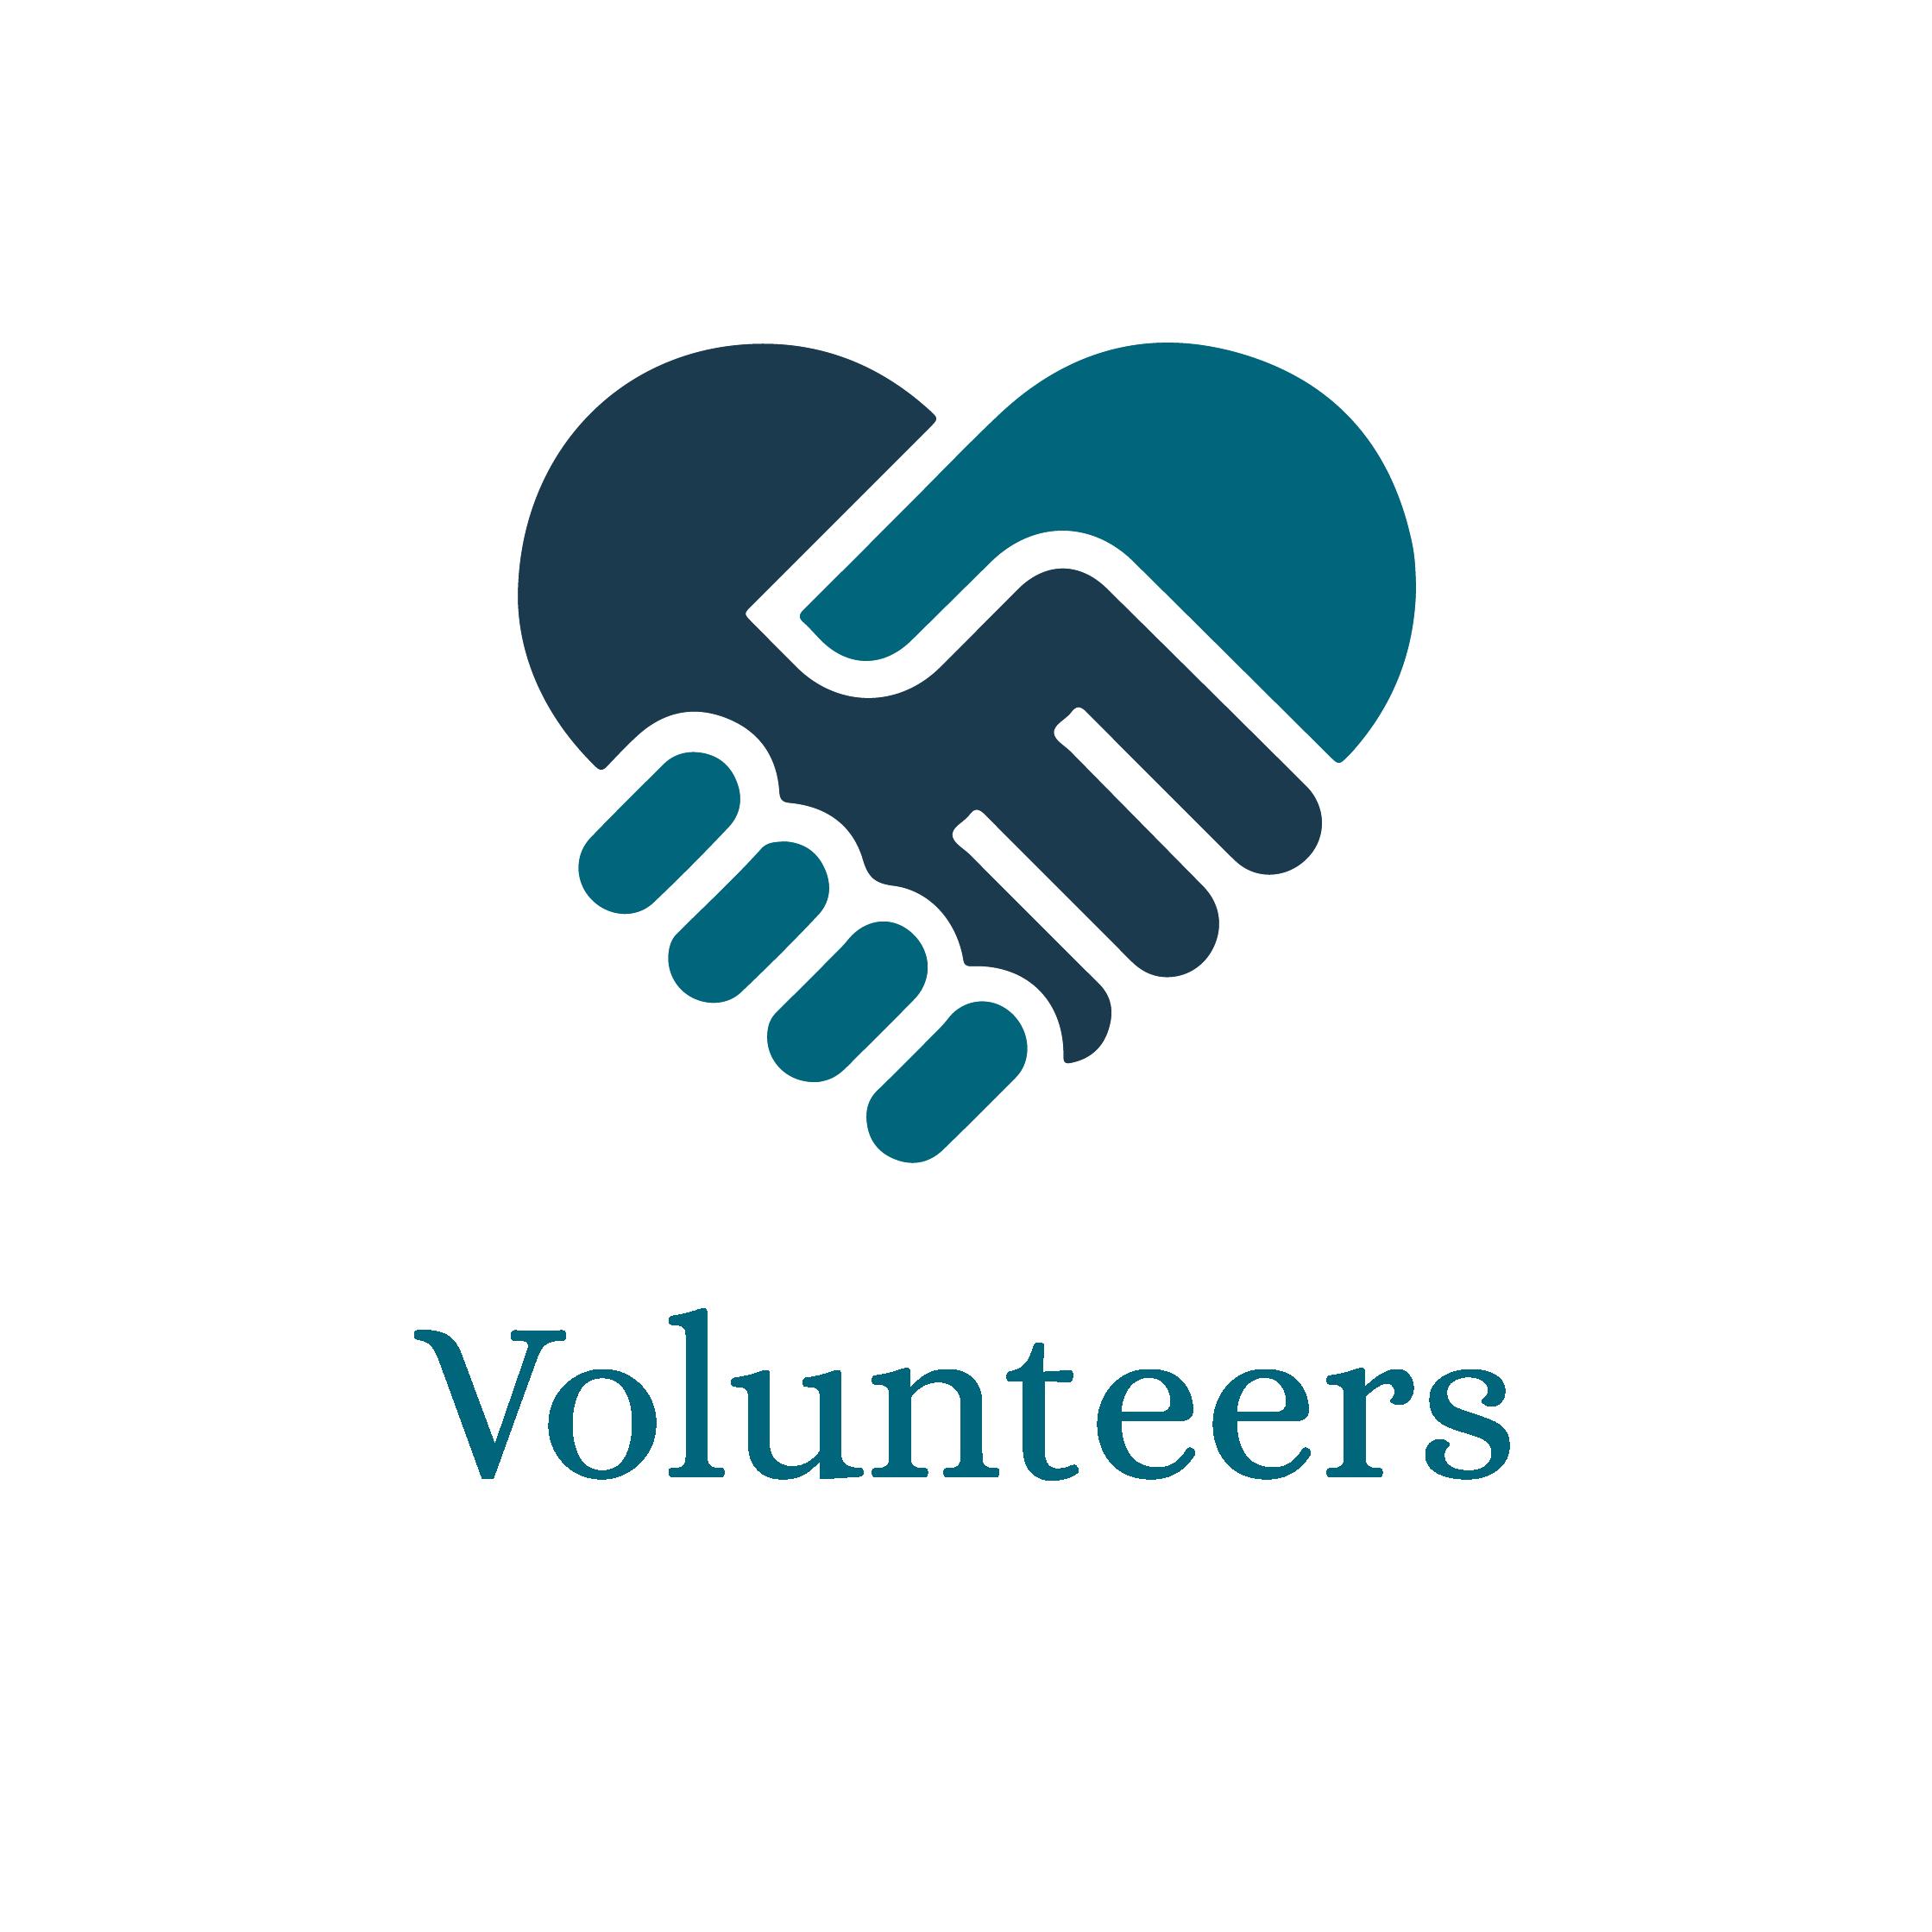 mc volunteers-01.png